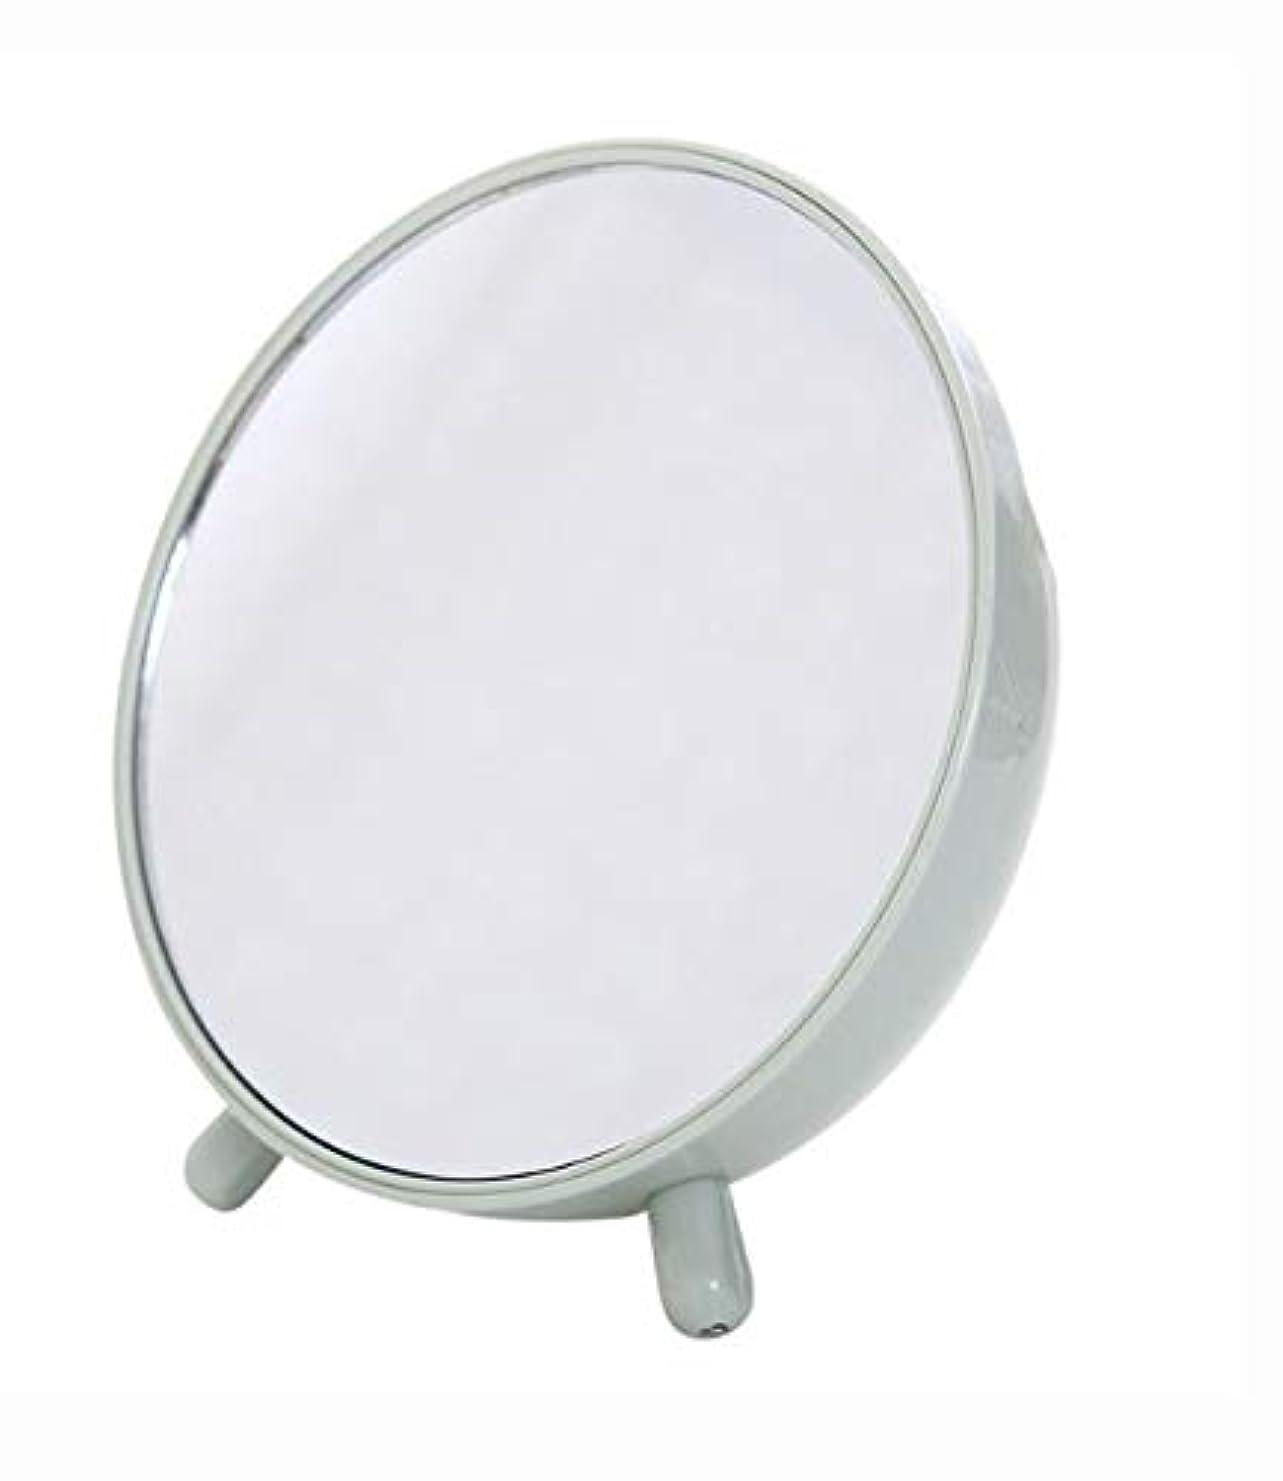 平均バーチャル救援化粧鏡、収納箱の化粧品のギフトが付いている緑の簡単な円形のテーブルの化粧鏡